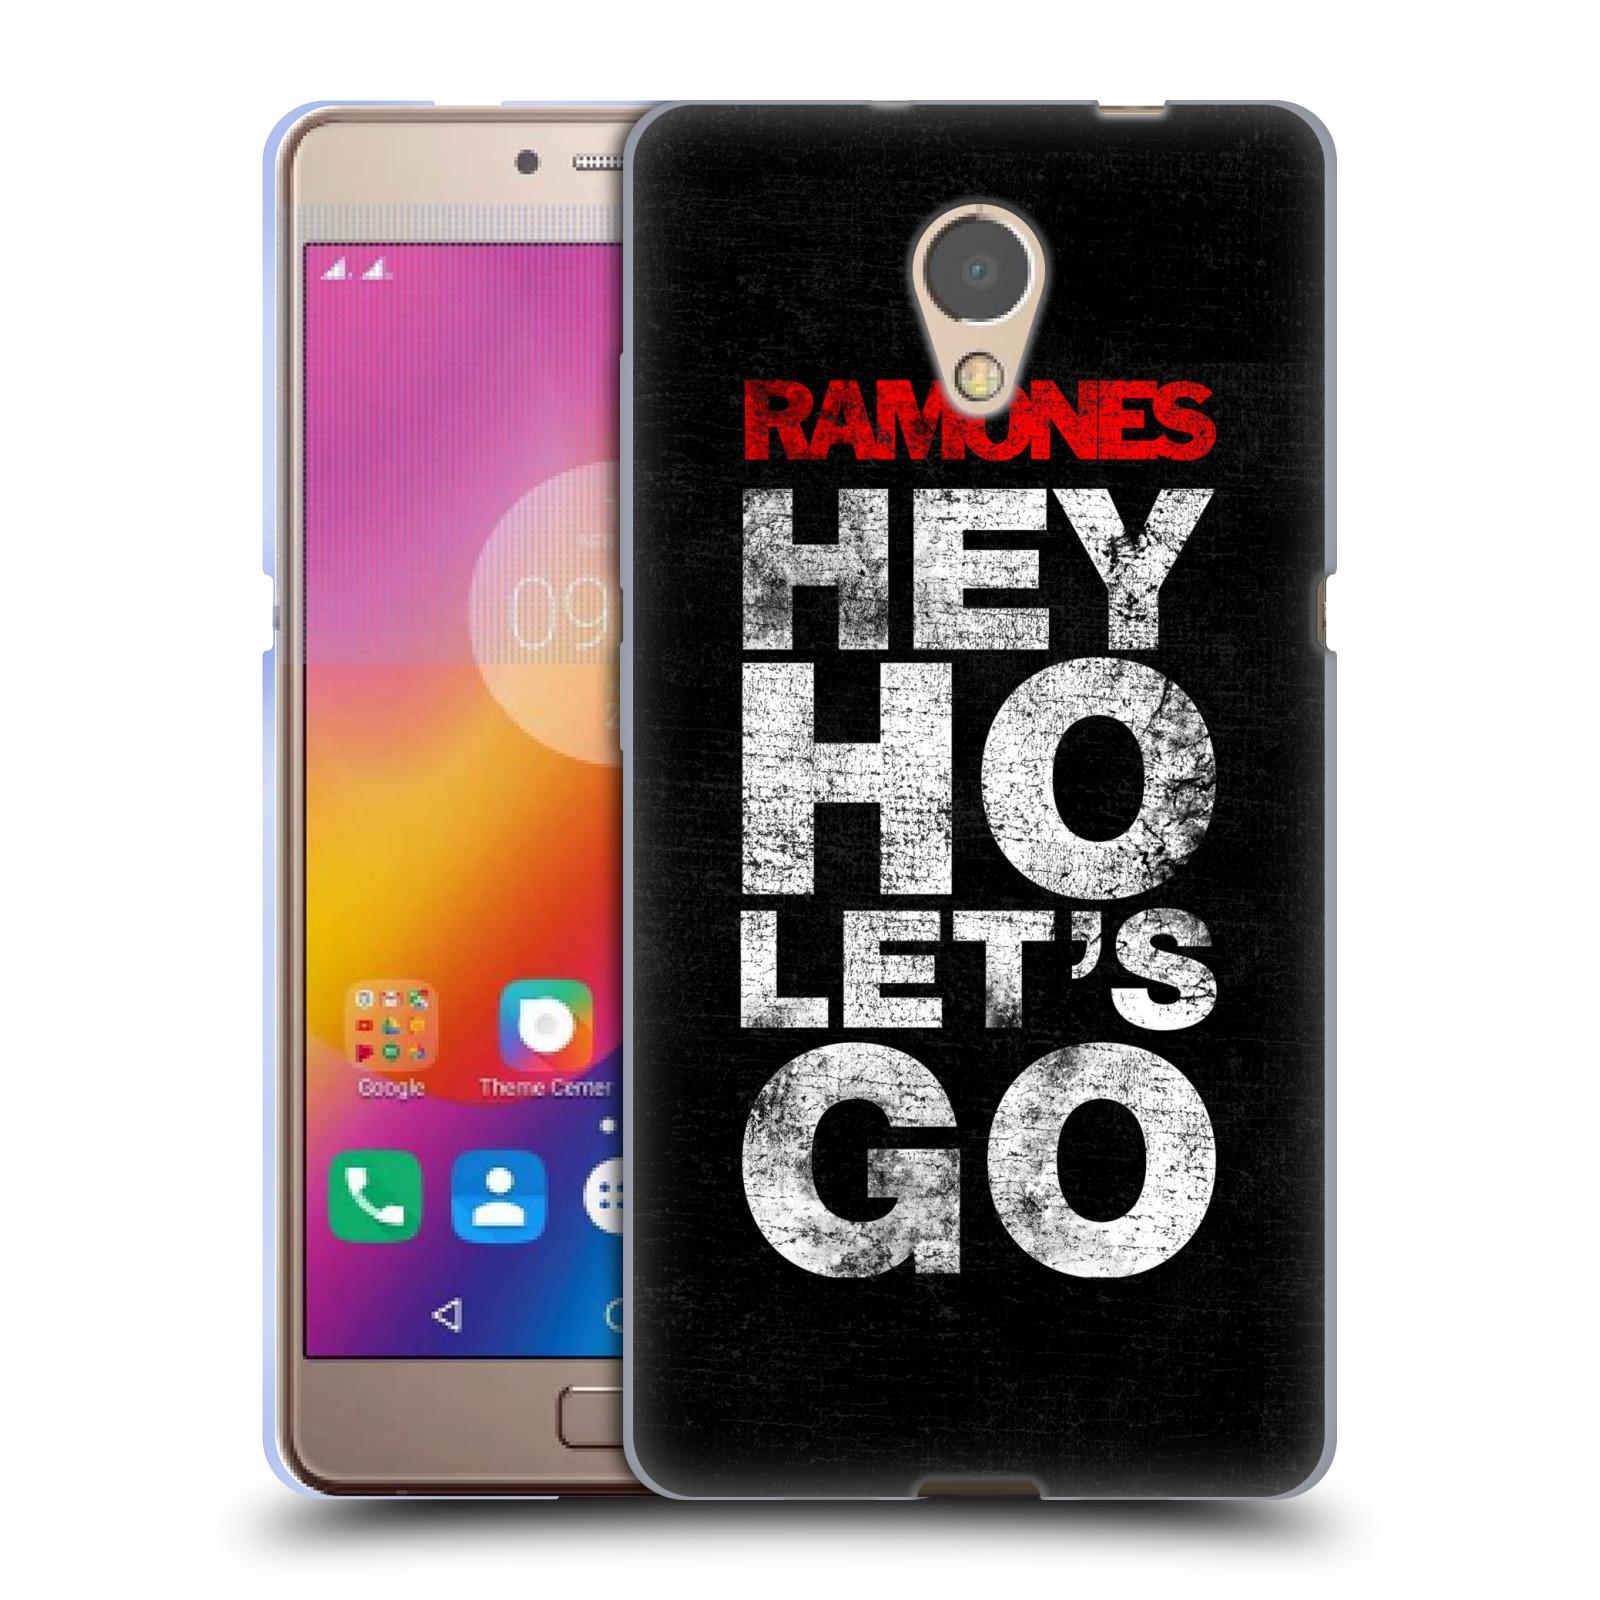 Silikonové pouzdro na mobil Lenovo P2 - Head Case - The Ramones - HEY HO LET´S GO (Silikonový kryt či obal na mobilní telefon Lenovo P2 Dual Sim s motivem The Ramones - HEY HO LET´S GO)